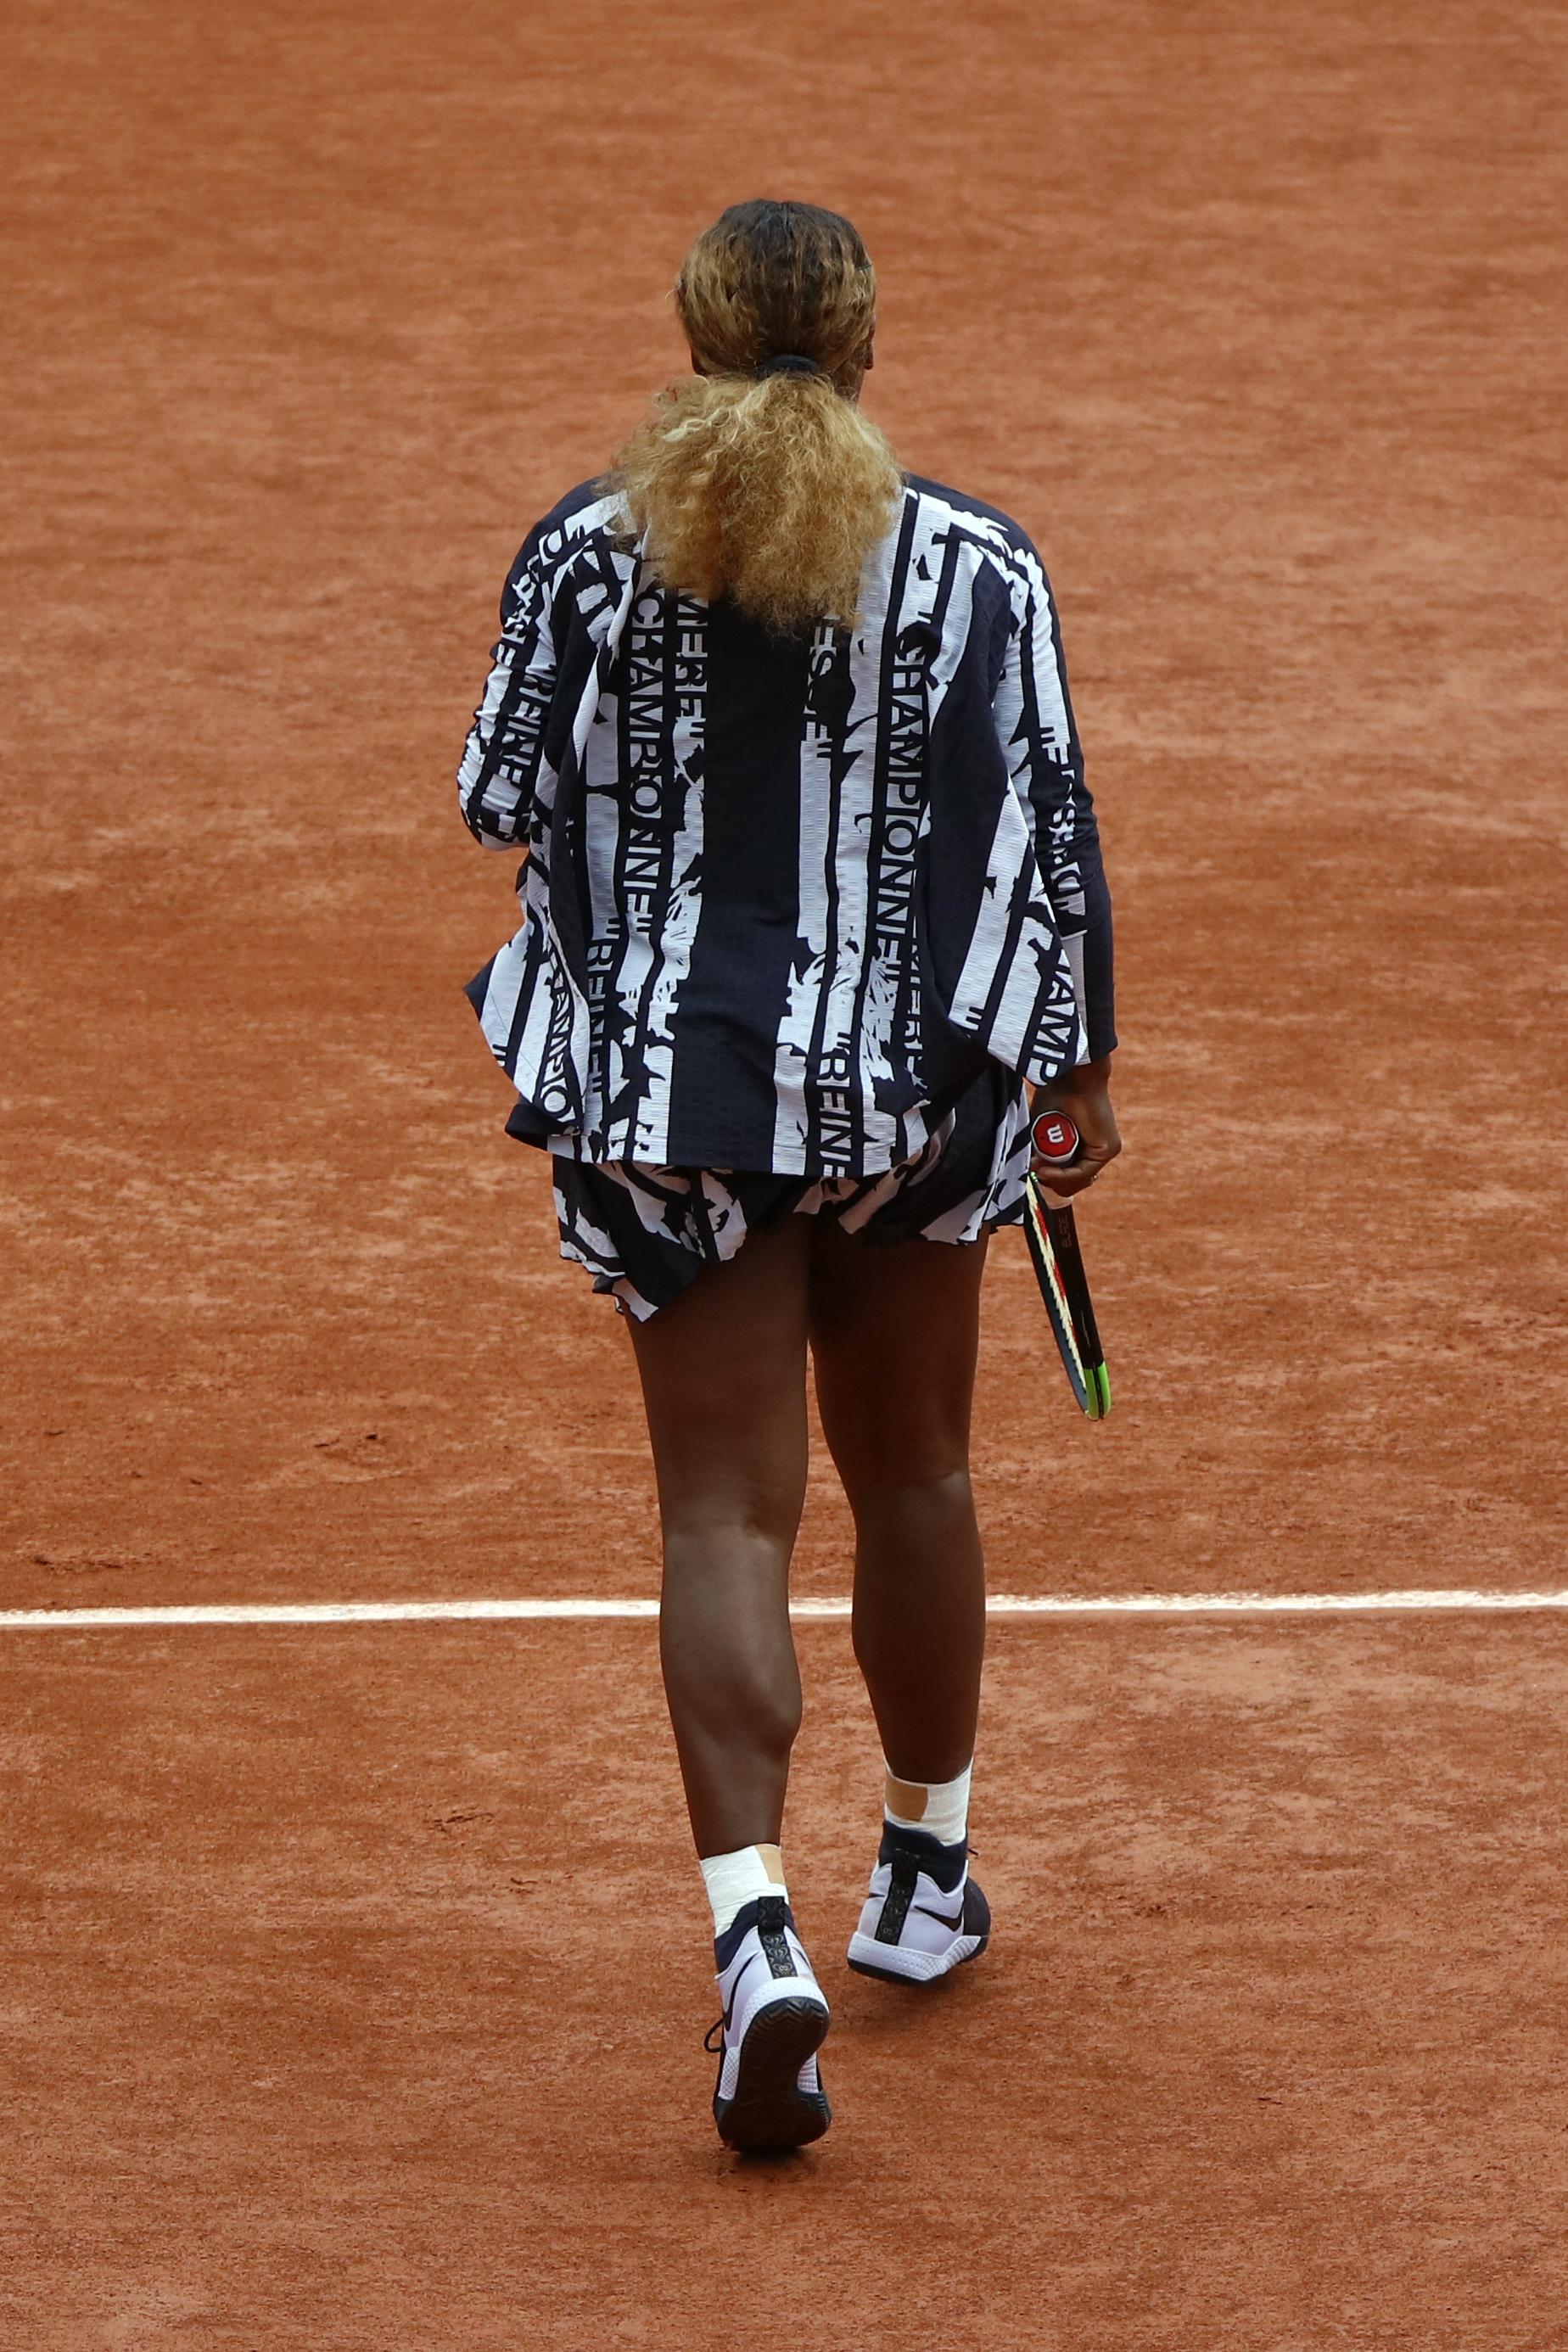 Roland Garros - Day 5